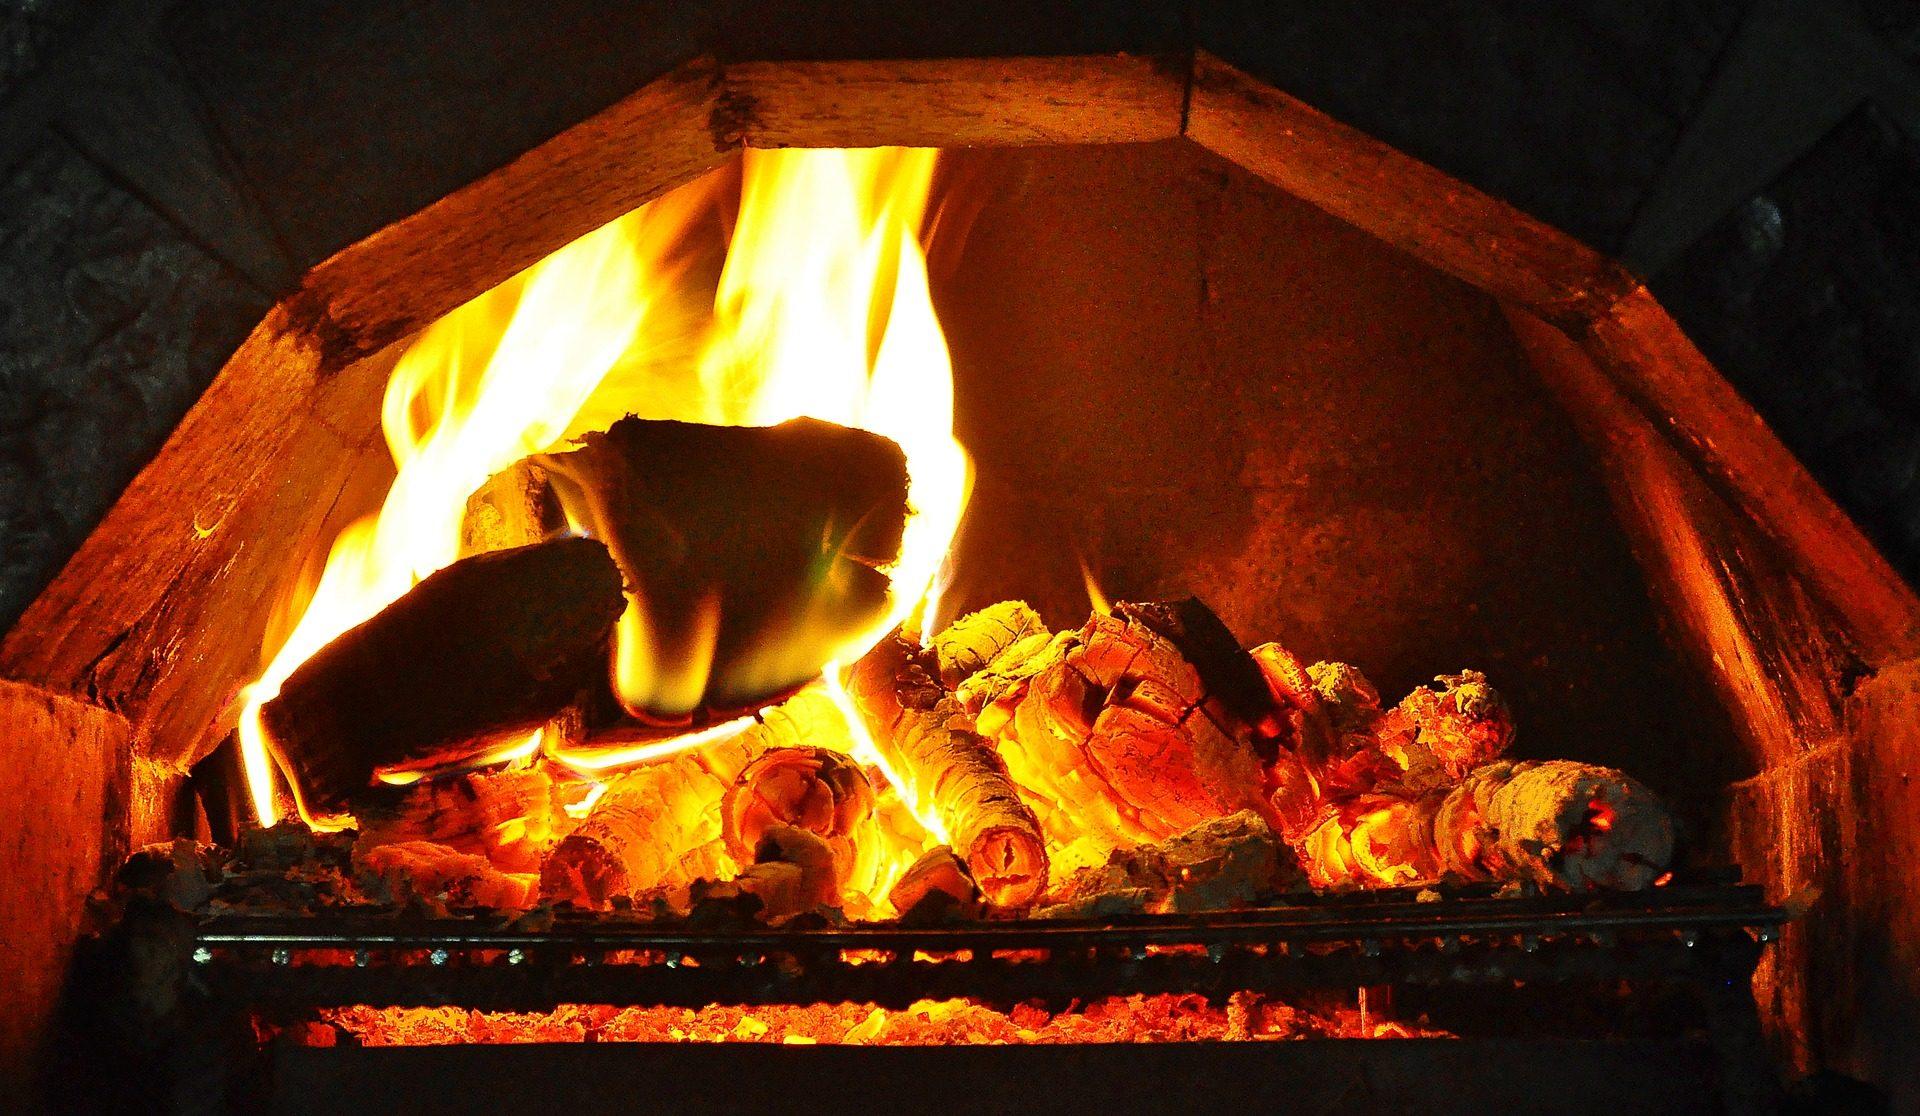 暖炉, 火, 残り火, オーブン, 炎, 位置しています - HD の壁紙 - 教授-falken.com